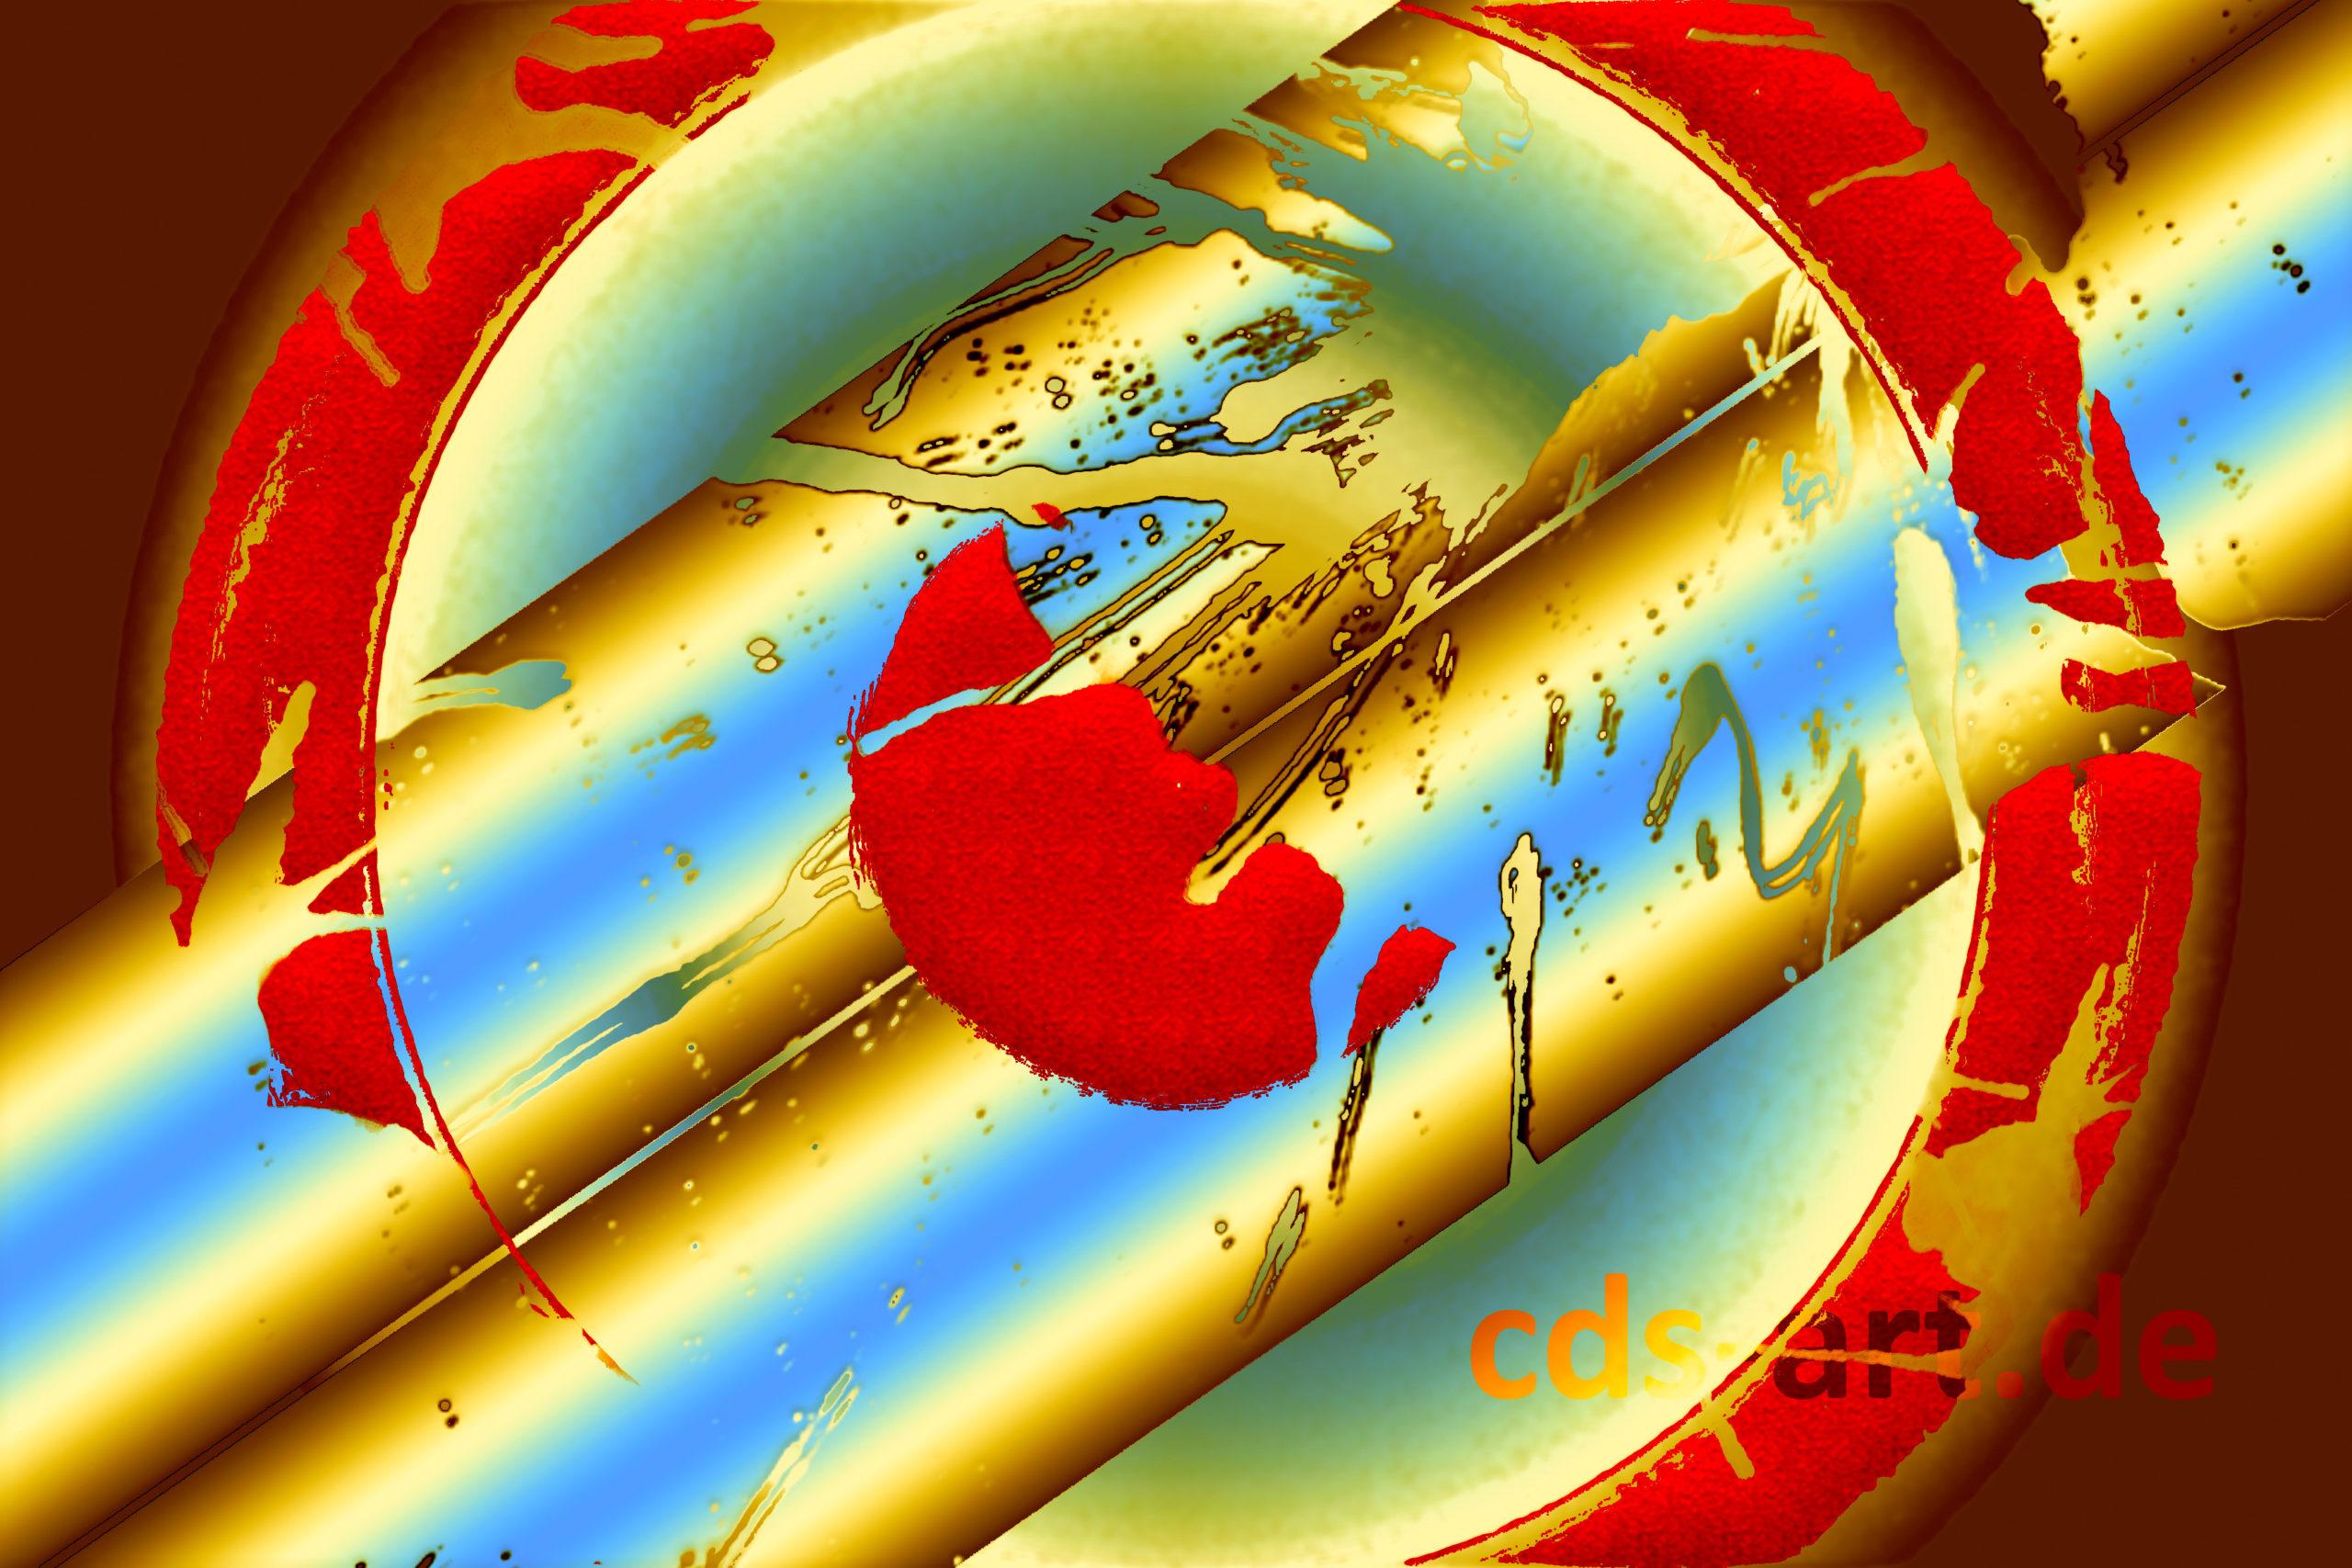 rings exploding 3